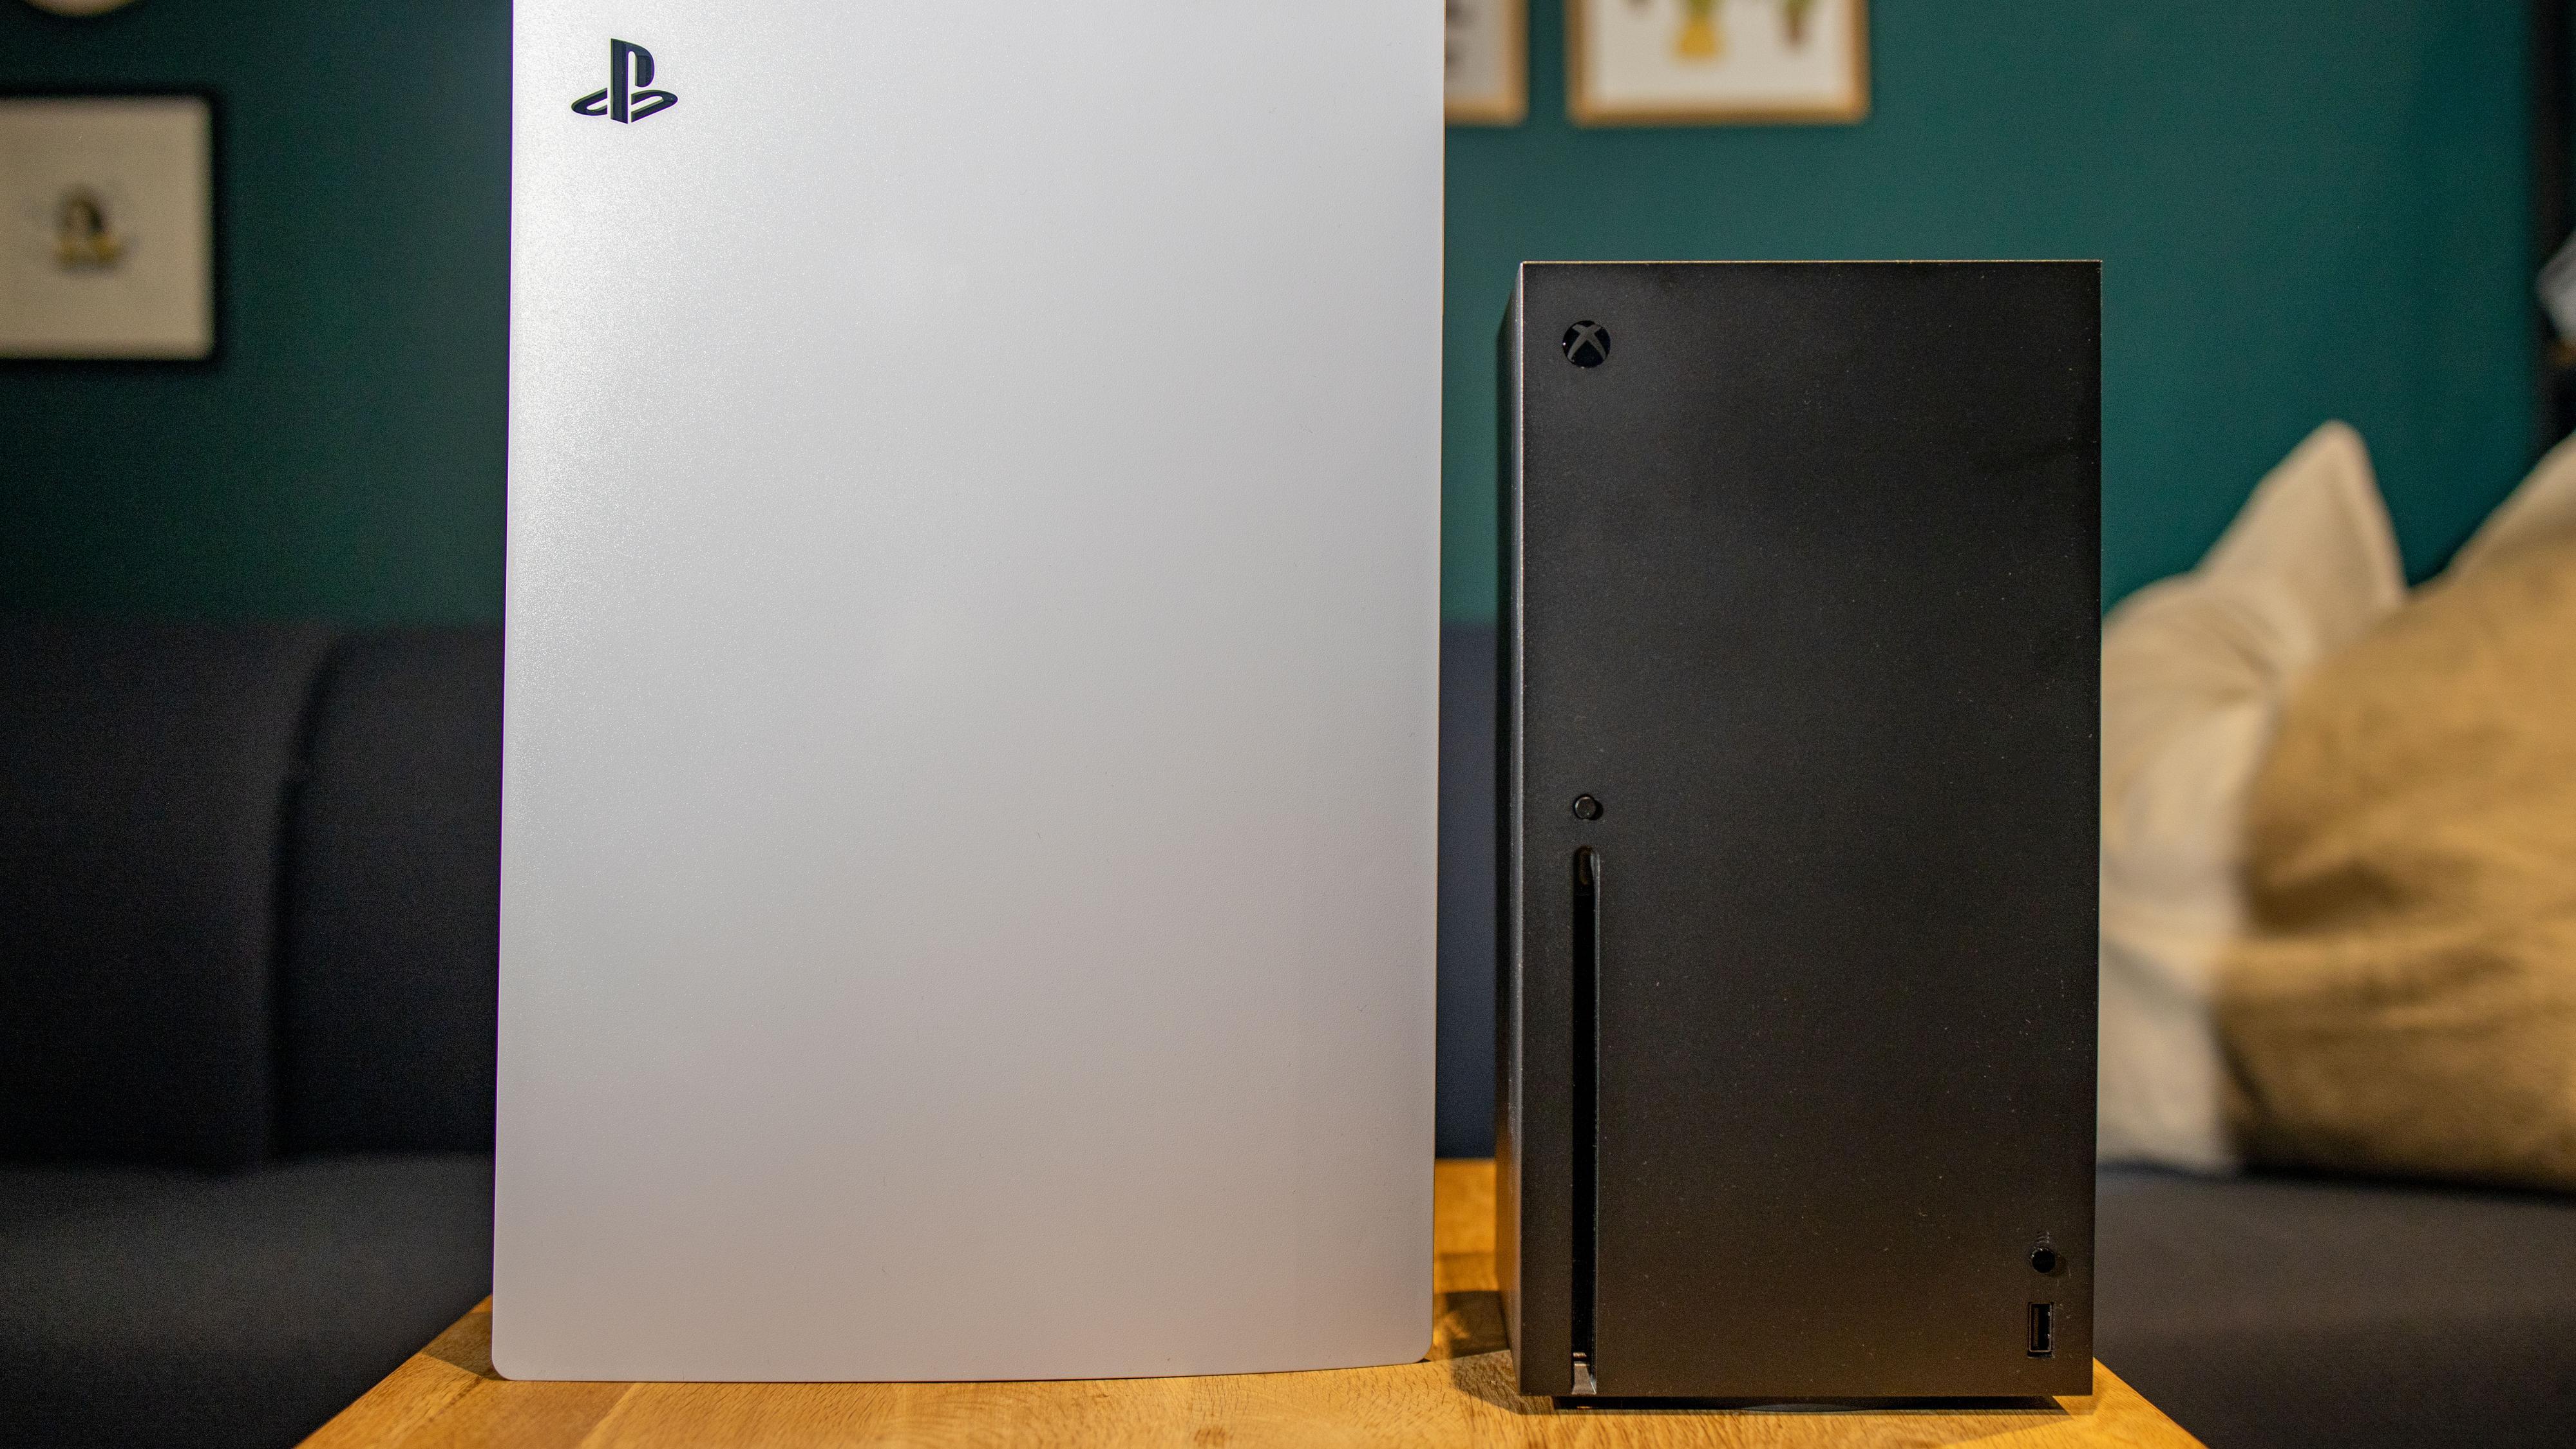 Fortsatt ingen PlayStation 5 tilgjengelig i Norge